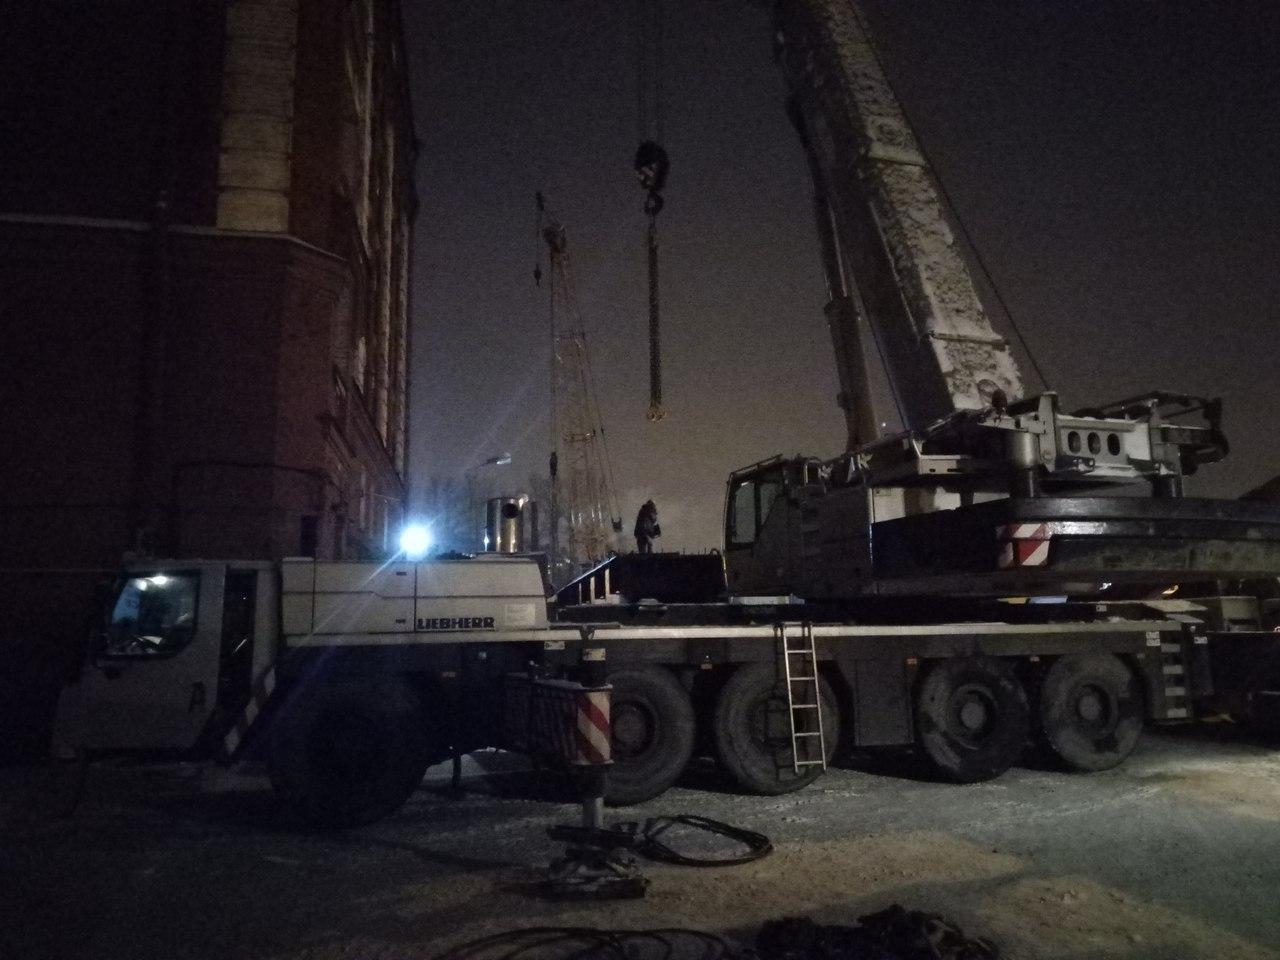 На Ремесленной улице строительный кран заблокировал вход в жилой дом. Рядом со зданием ведут работы над мостом к чемпионату мира